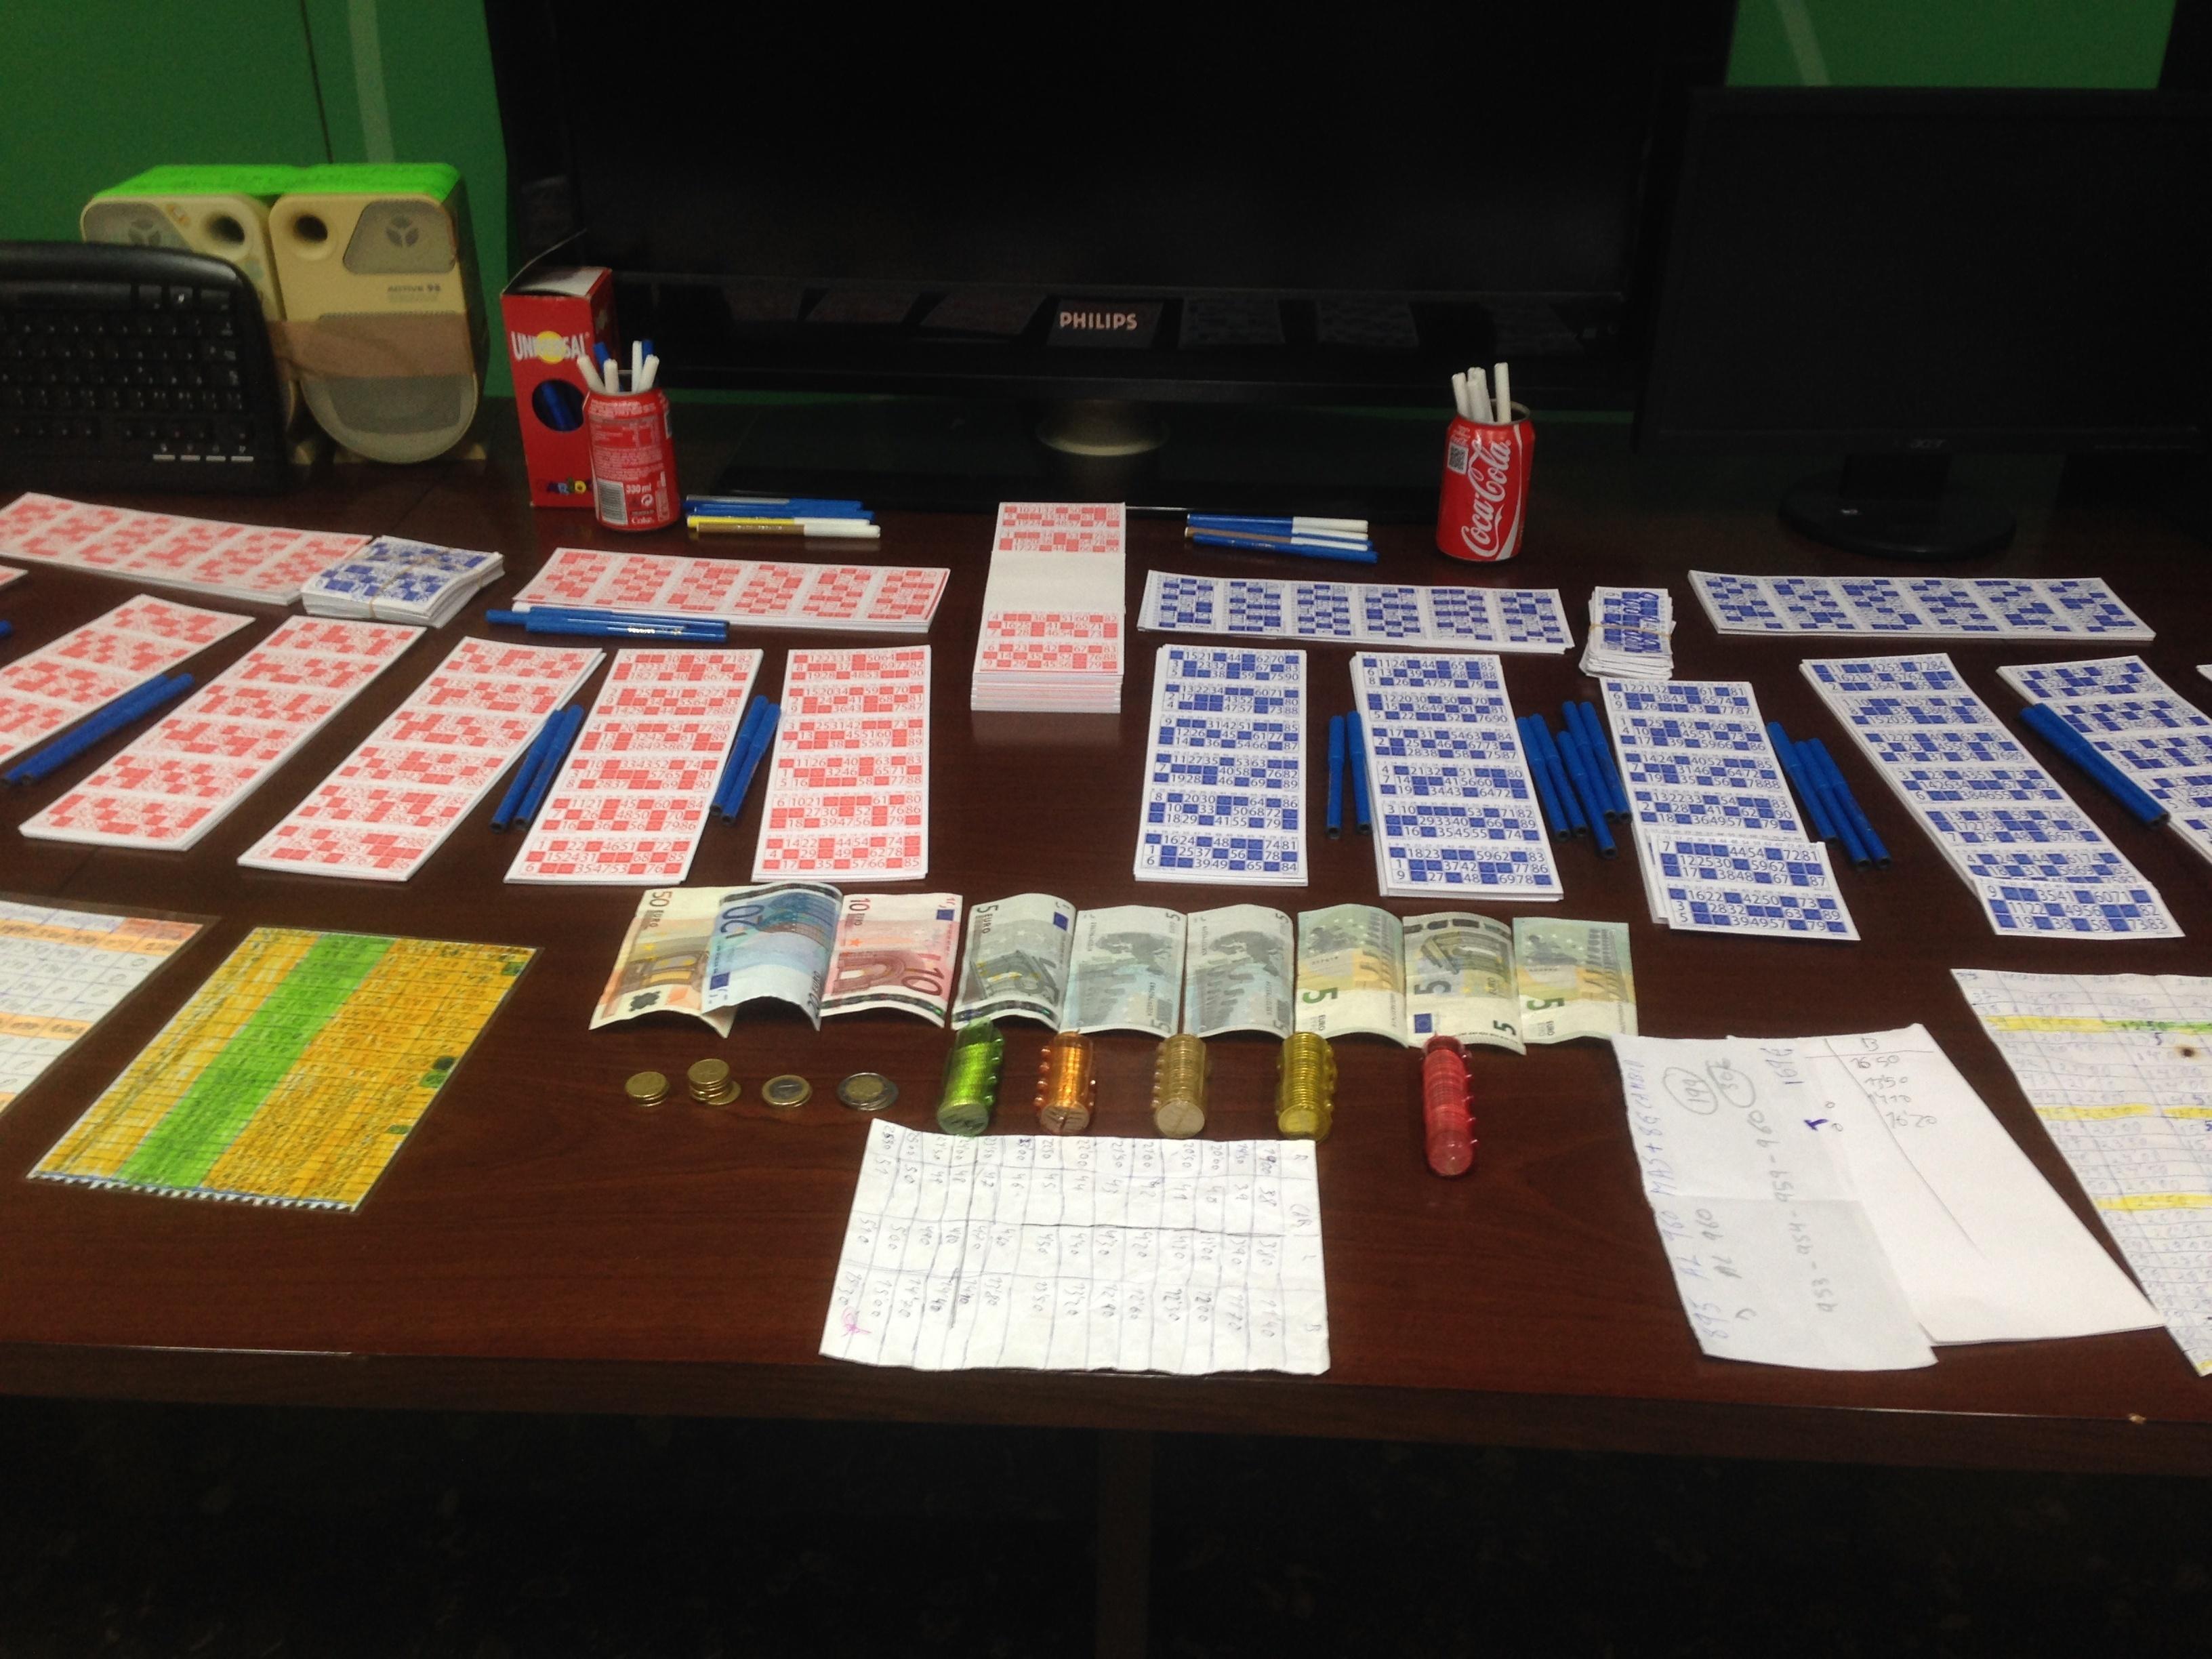 Desmantelan un bingo ilegal en Cártama e intervienen más de 3.000 cartones de juego